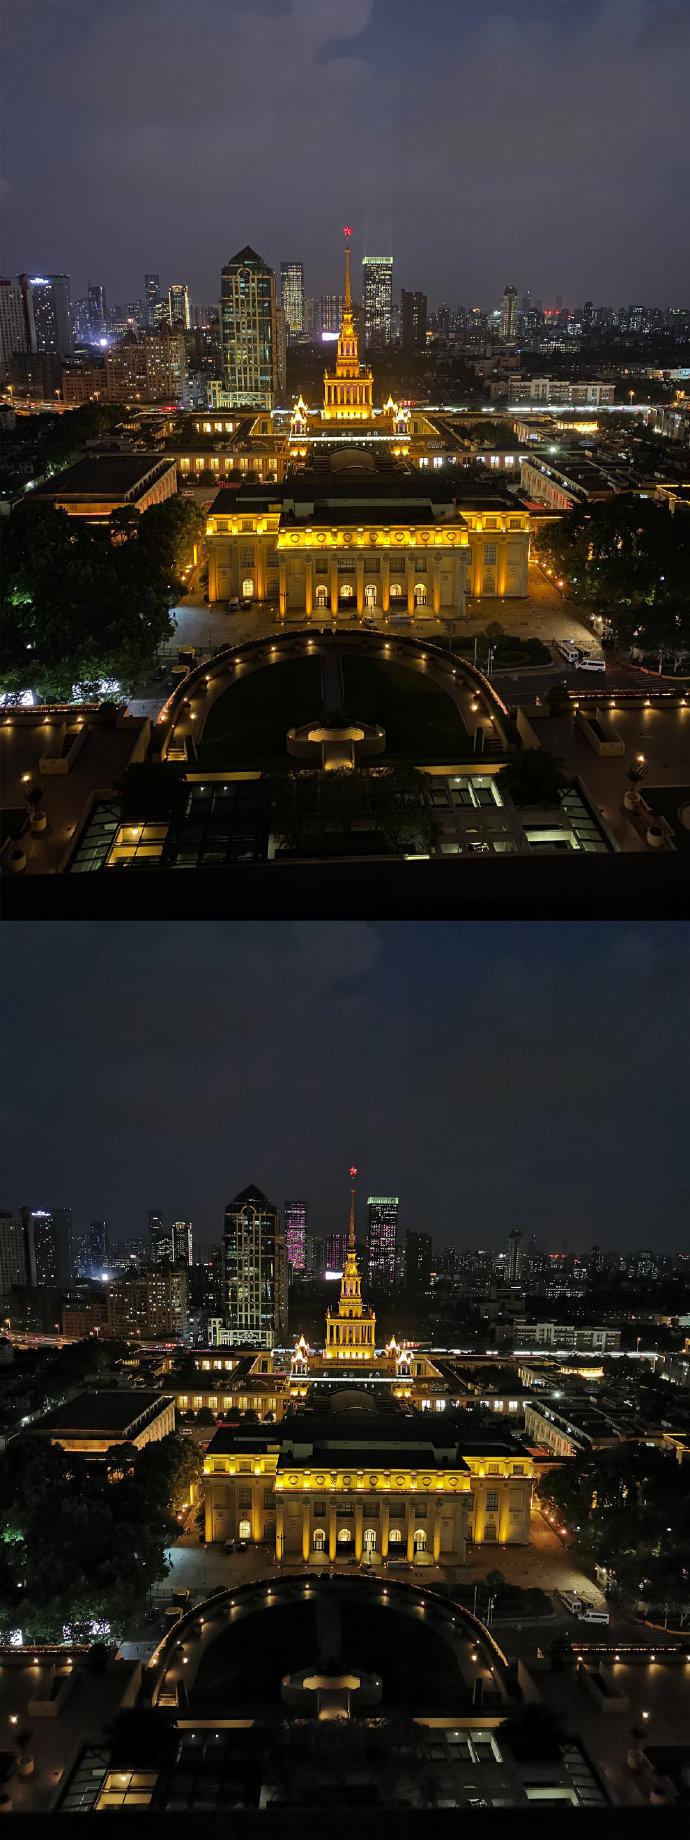 谁是夜拍之王?iPhone 11 Pro Max 和华为 P30 Pro成片对比 涨姿势 第1张